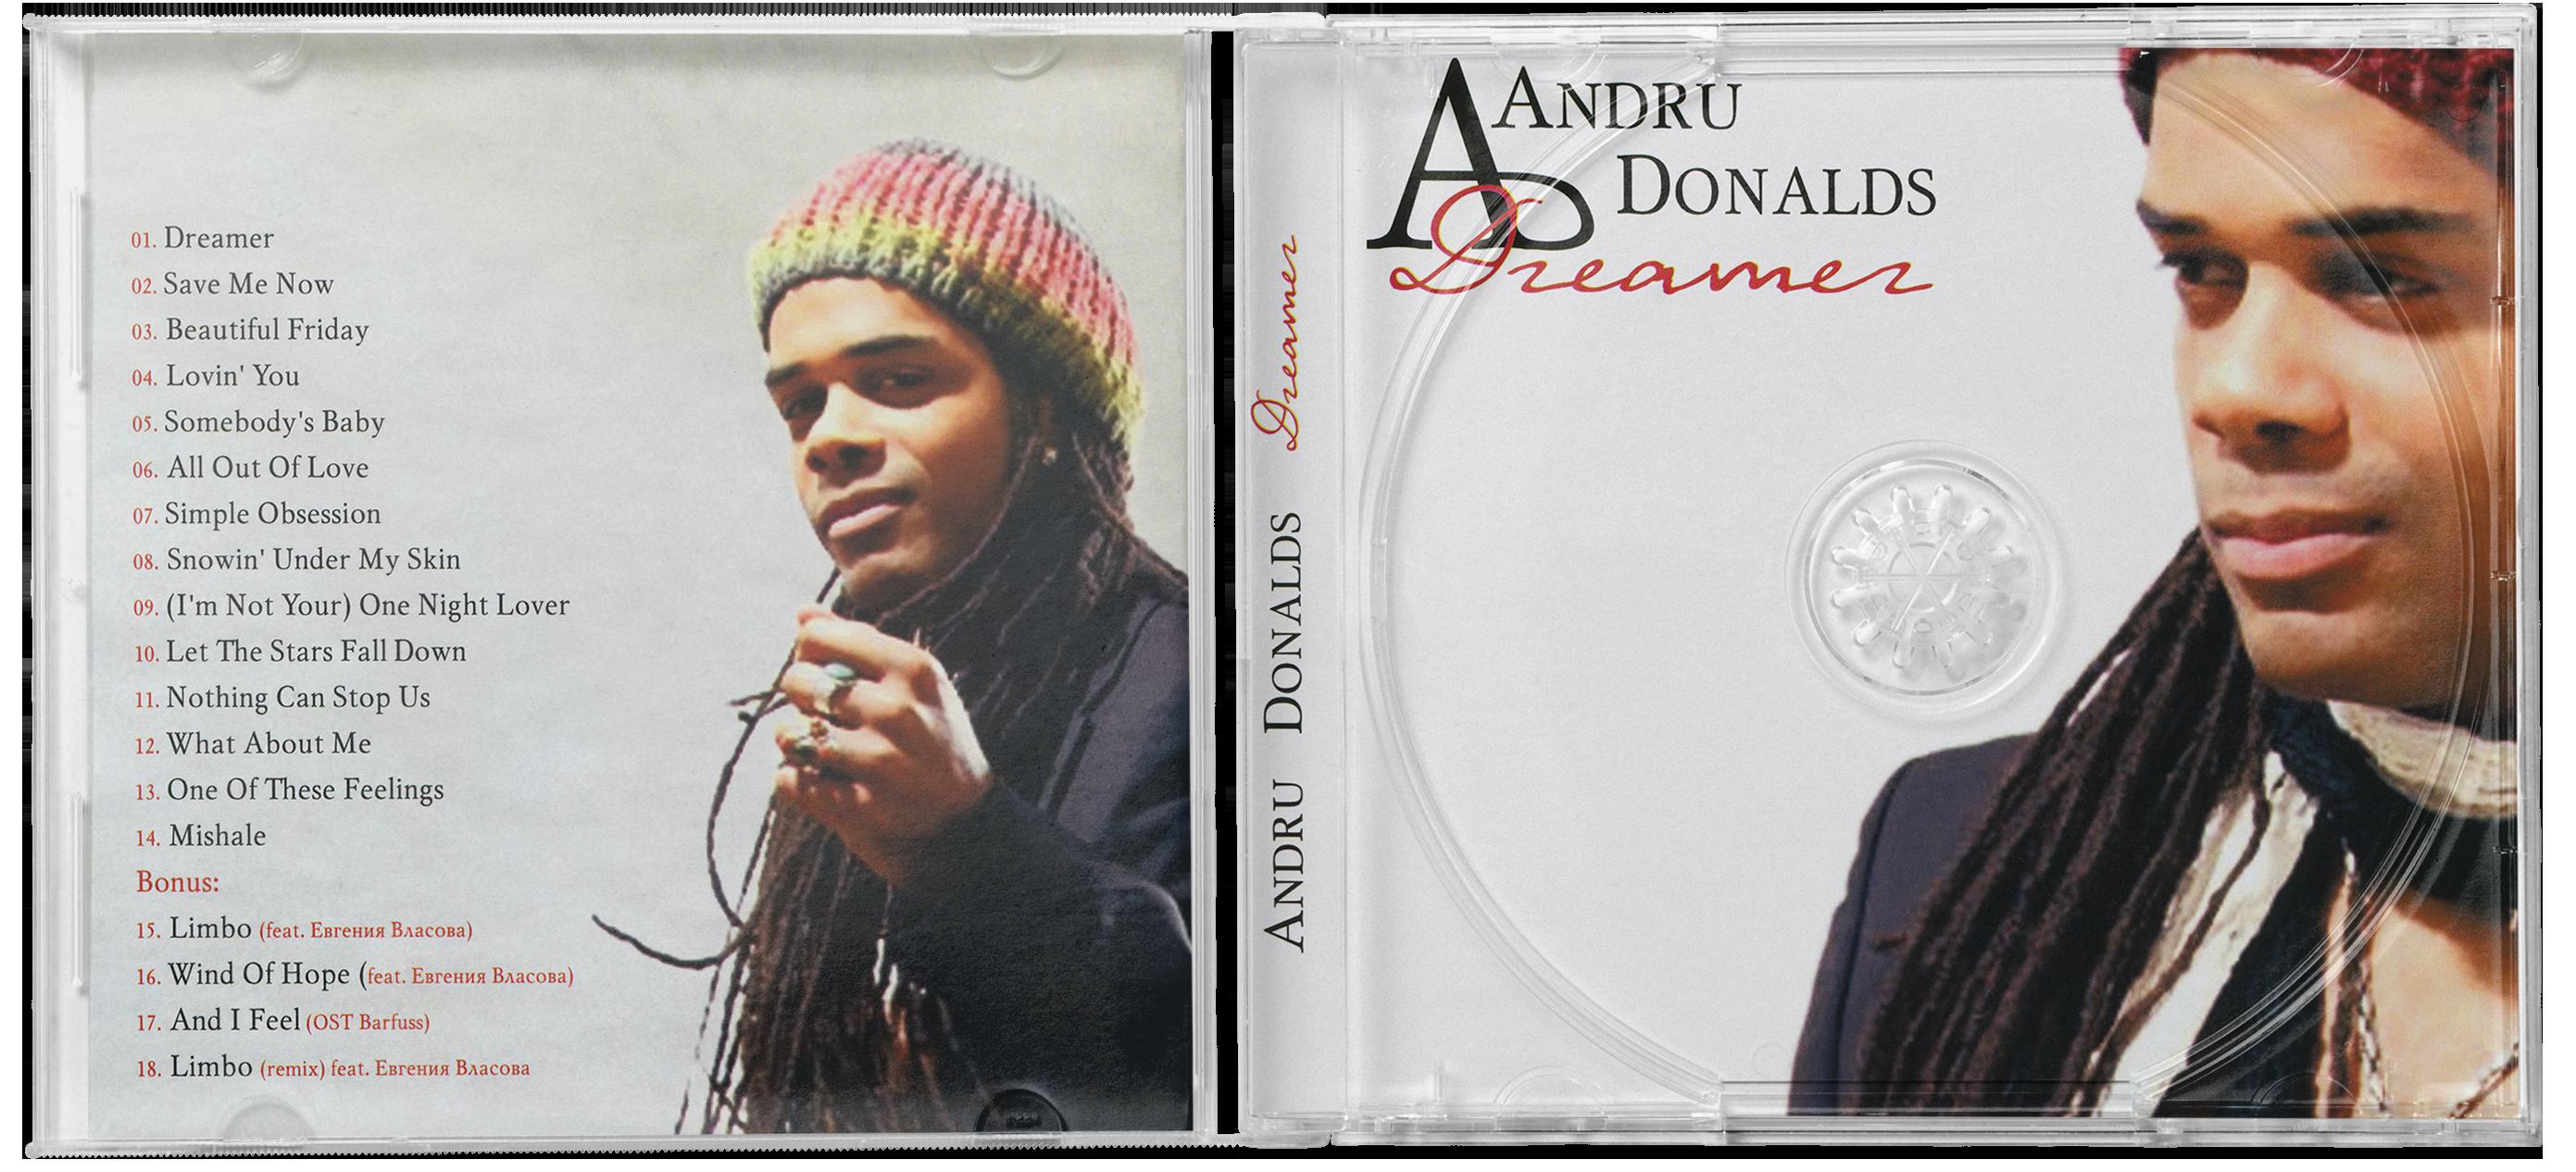 bootleg-andru-donalds-dreamer-1b